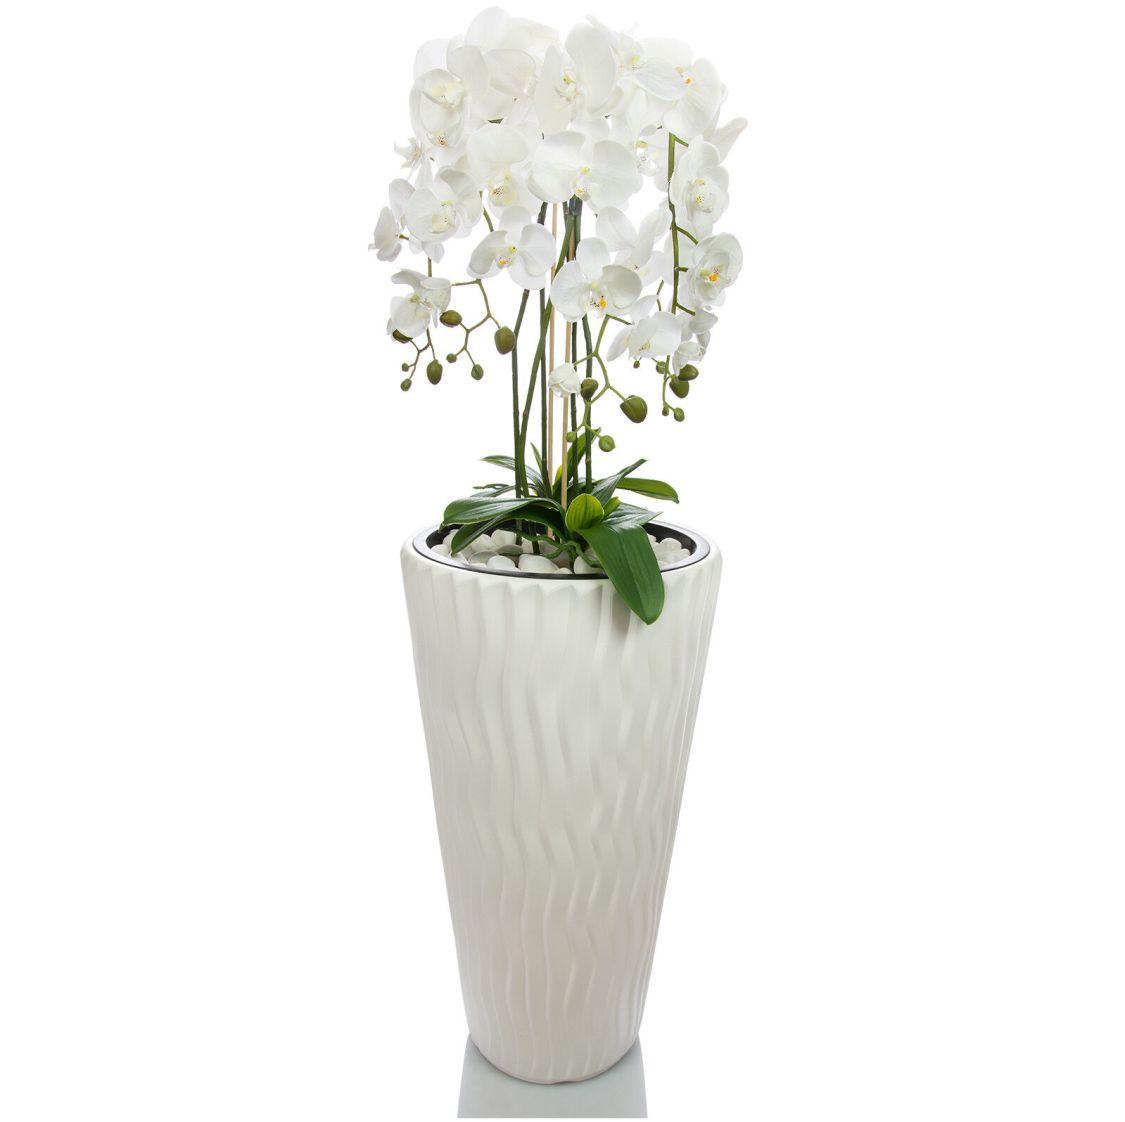 Künstliche Orchideen im Hochtopf 120cm weiß Gesteck Kunstpflanze Phalaenopsis  4